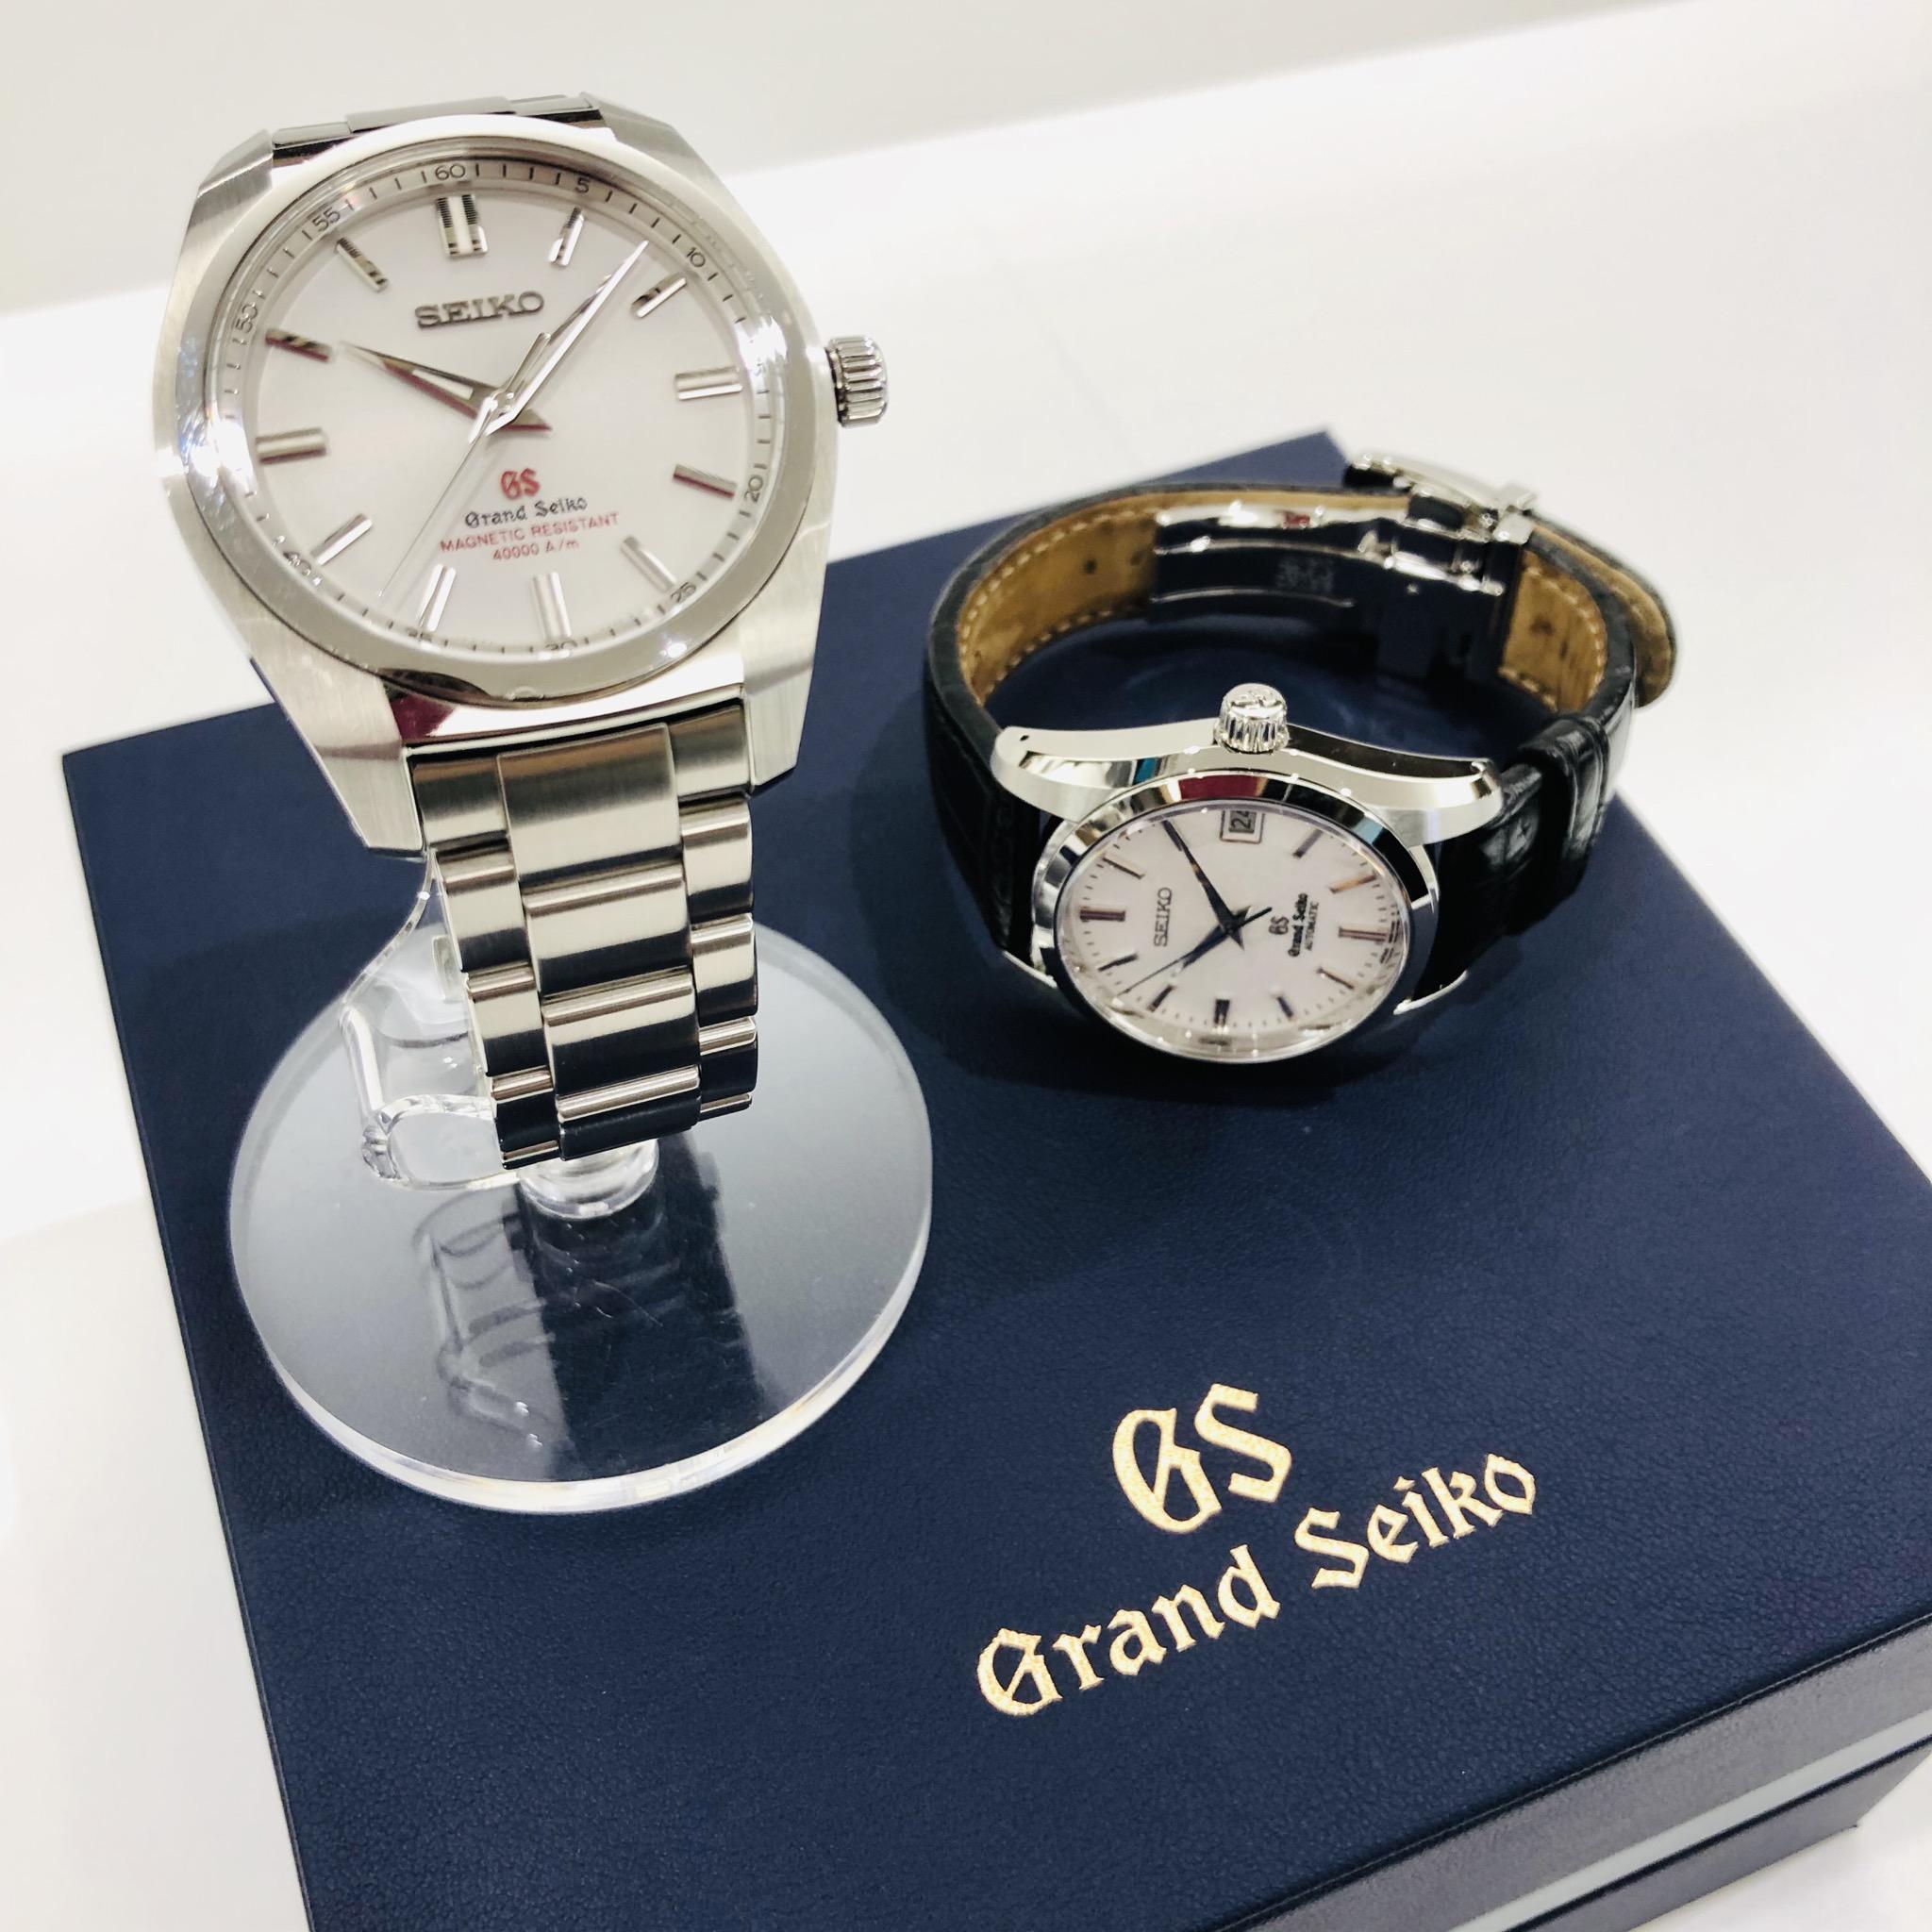 【盛岡 セイコー 販売】今話題の腕時計!! グランドセイコー